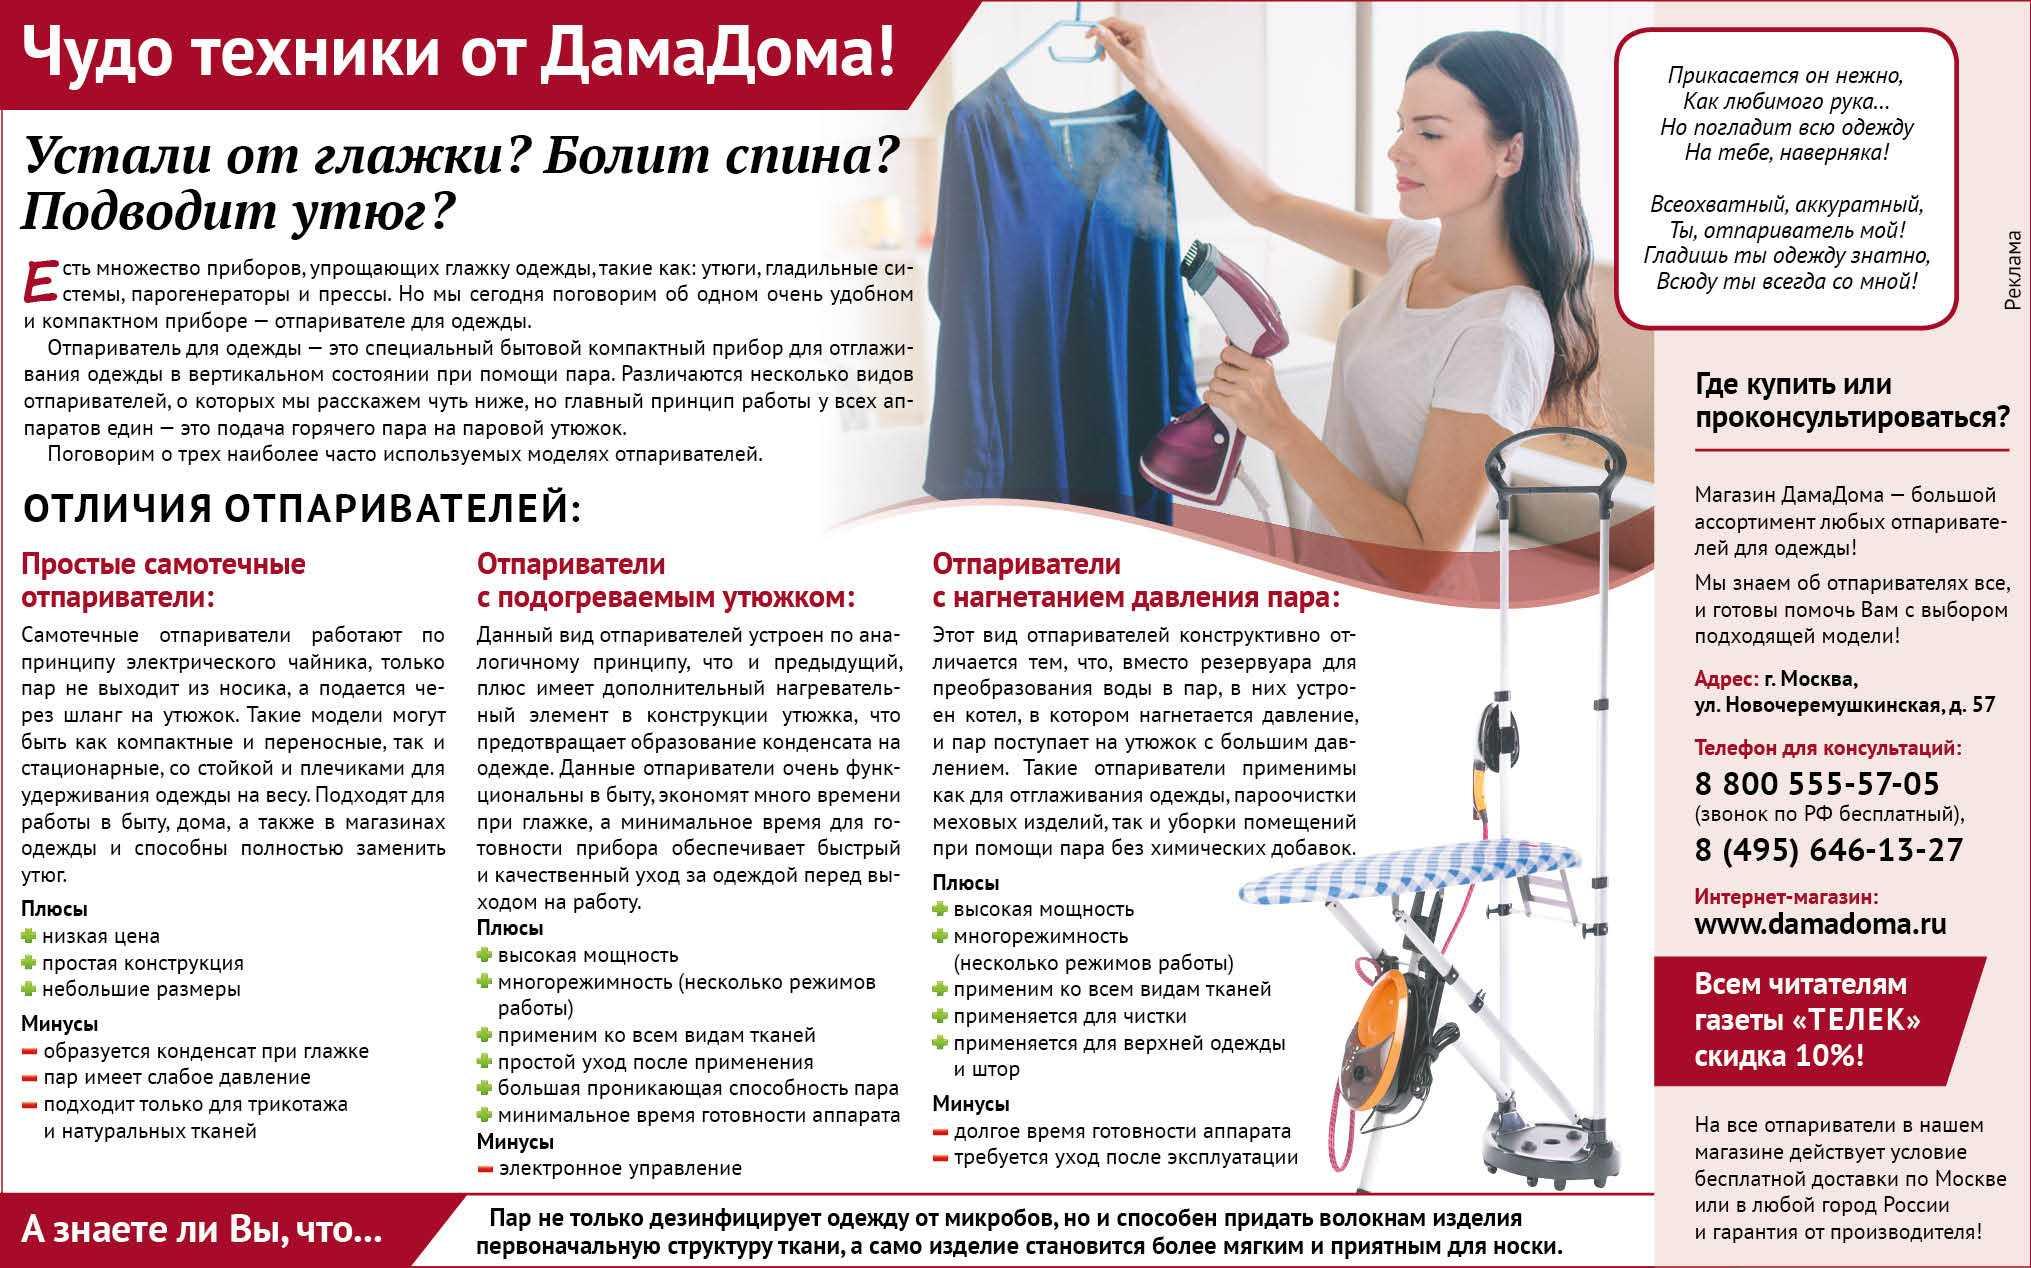 Как выбрать хороший отпариватель для одежды?